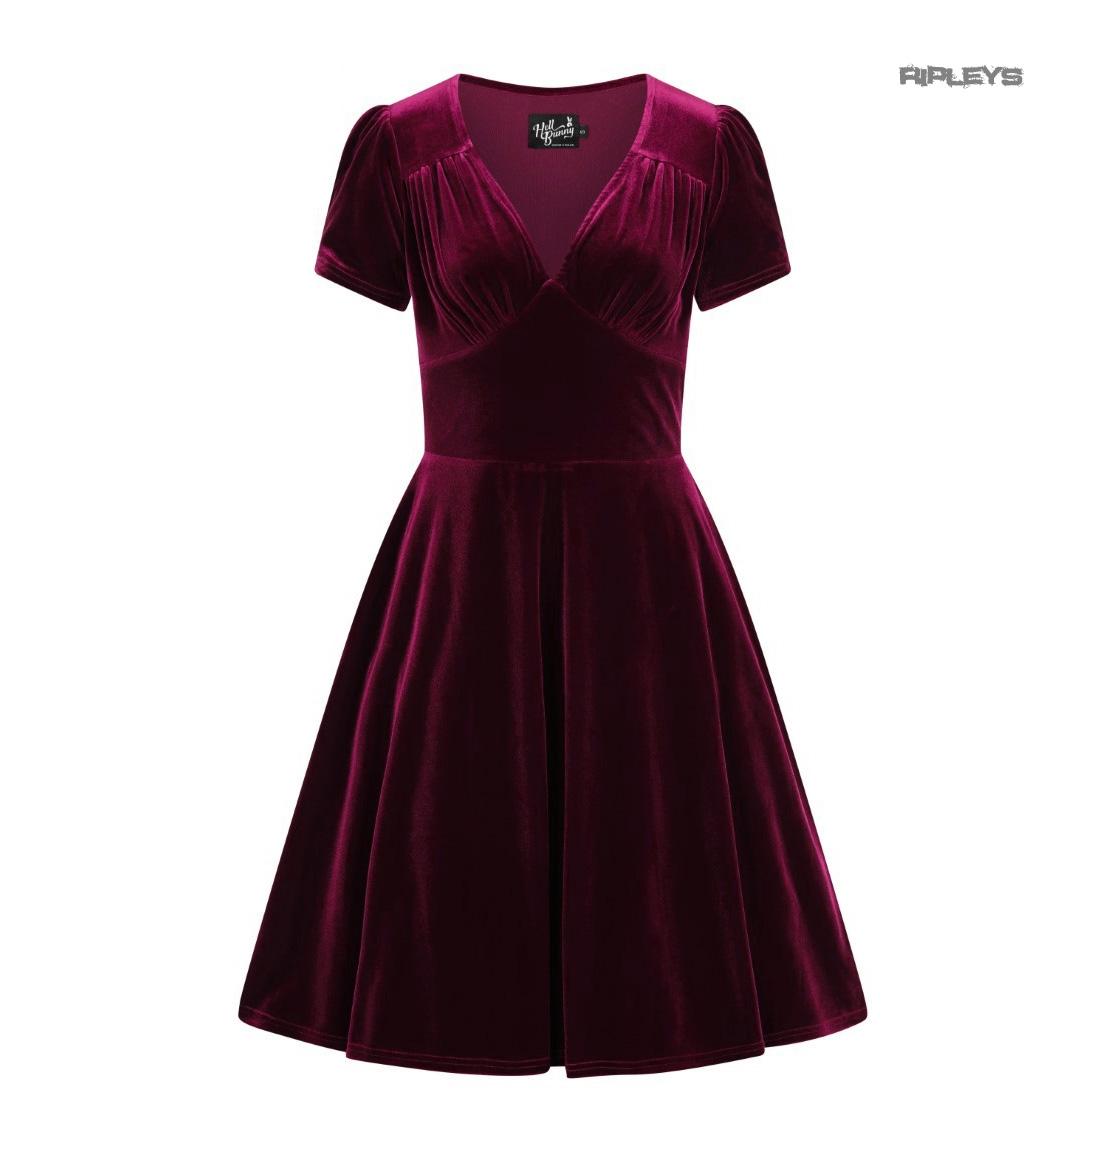 Hell-Bunny-40s-50s-Elegant-Pin-Up-Dress-JOANNE-Crushed-Velvet-Burgundy-All-Sizes thumbnail 10